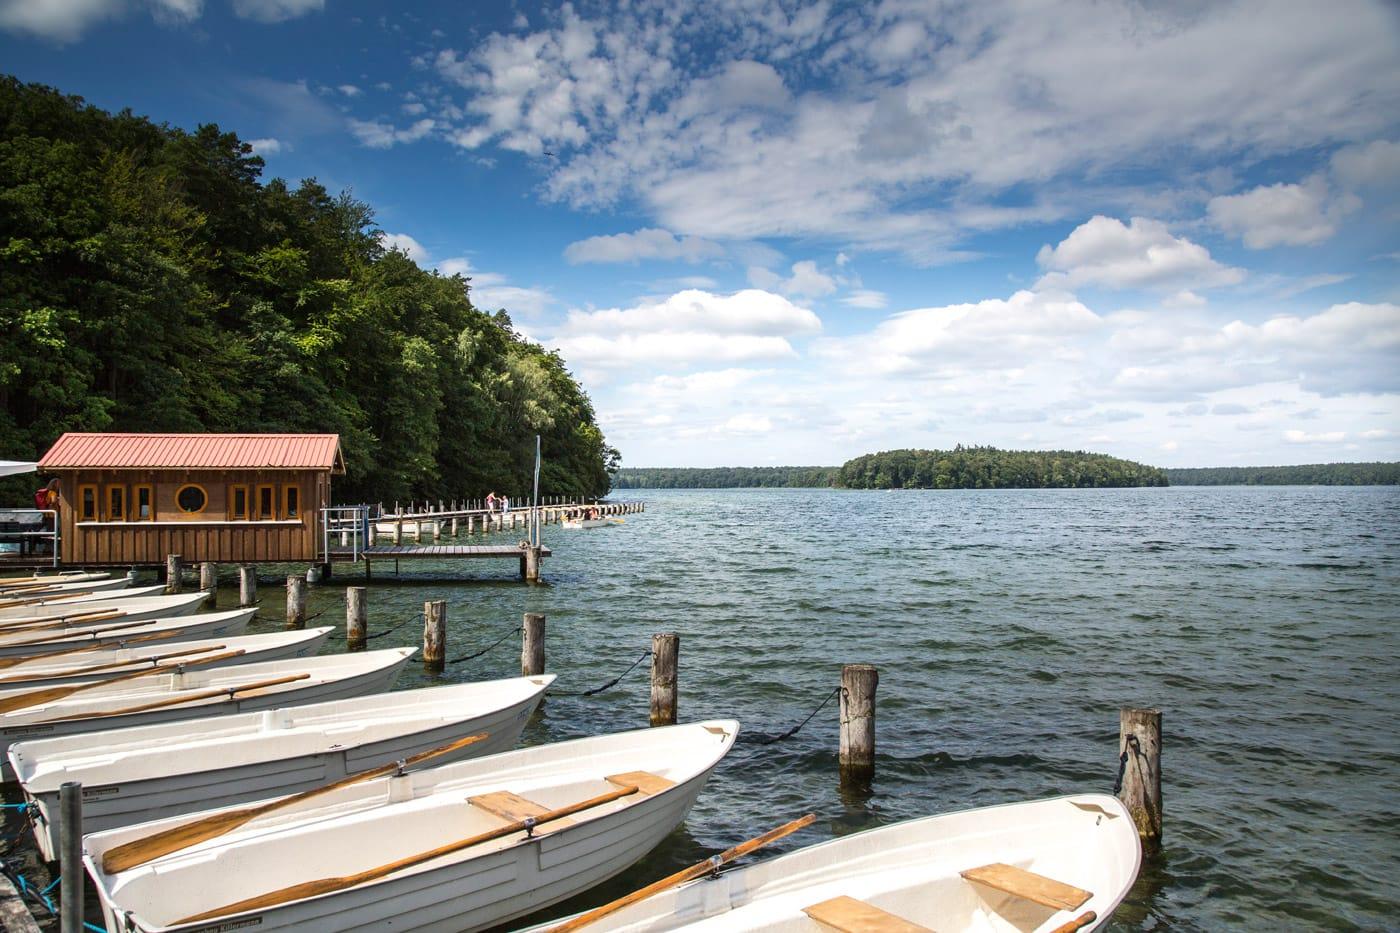 Ausflugtipp für Familien: An den Badesee mit Kindern: Stechlinsee // HIMBEER